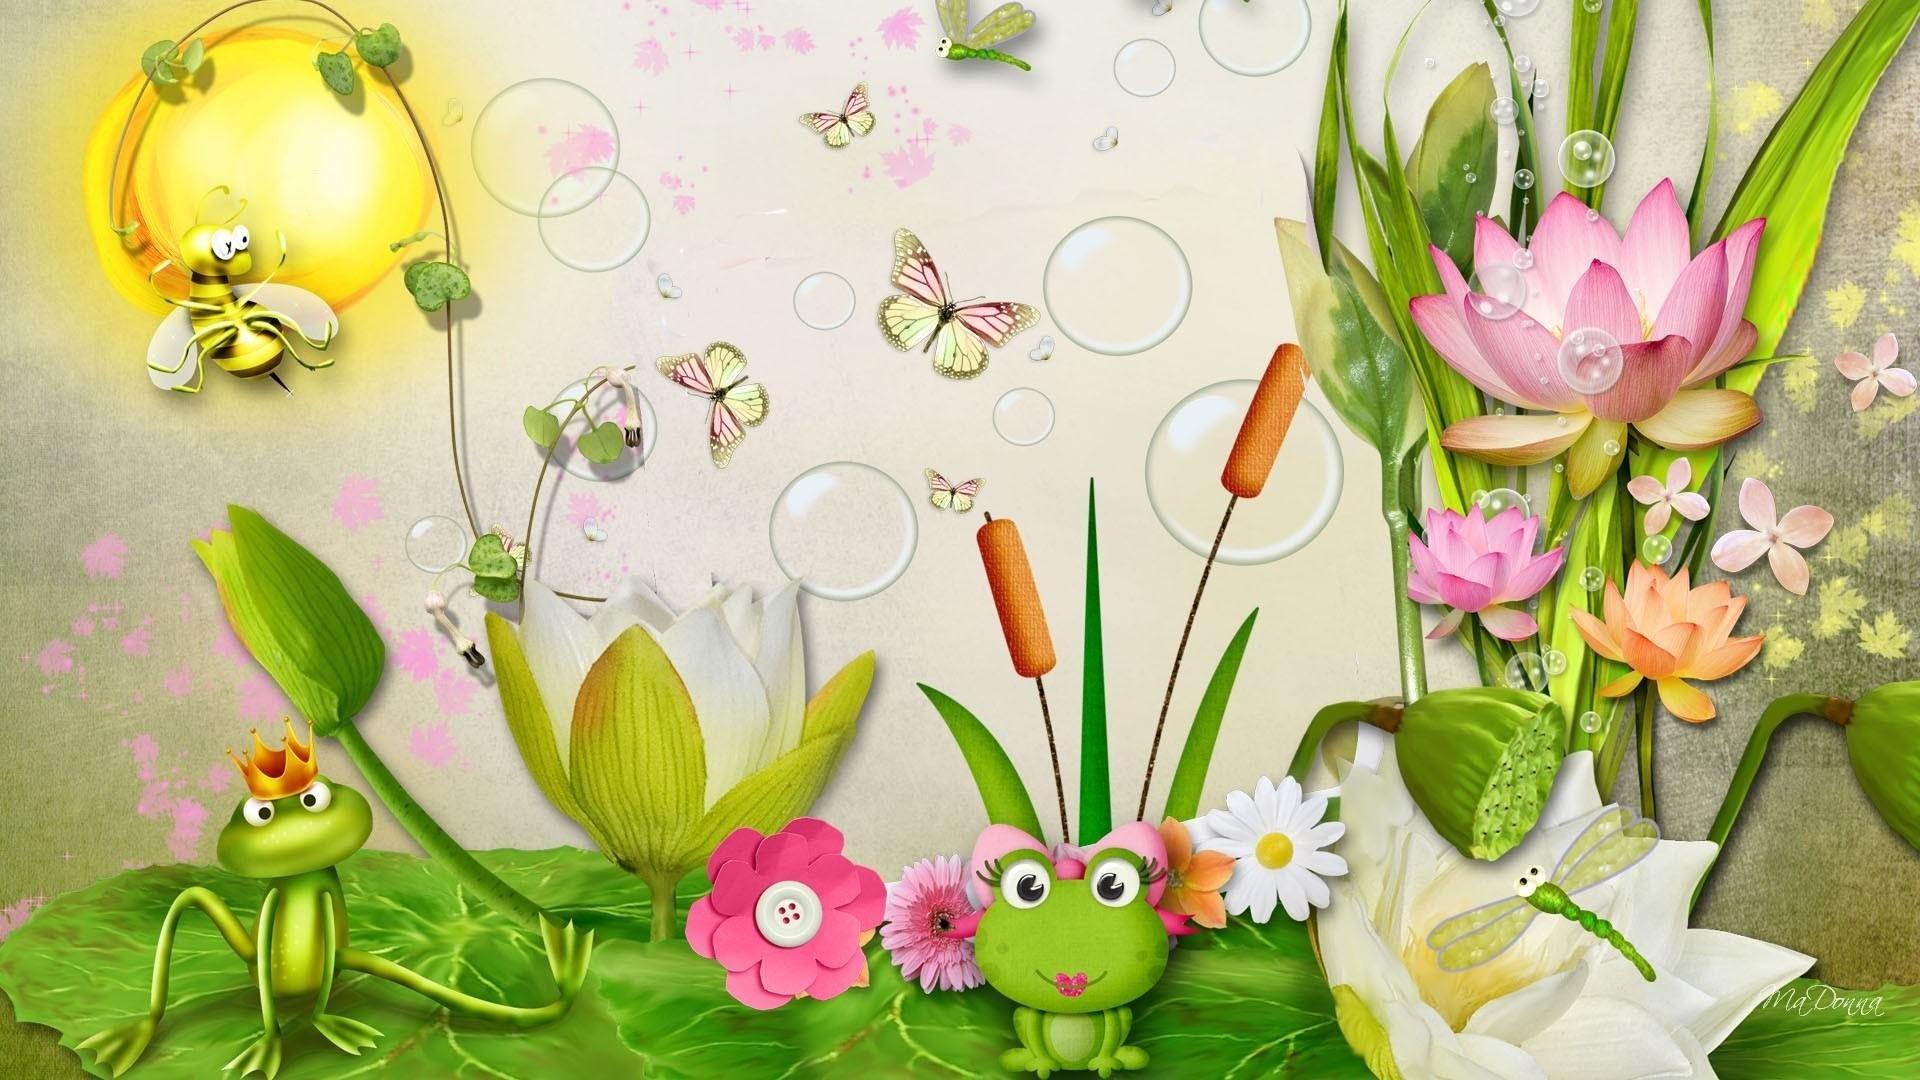 Cartoon Frog best wallpaper